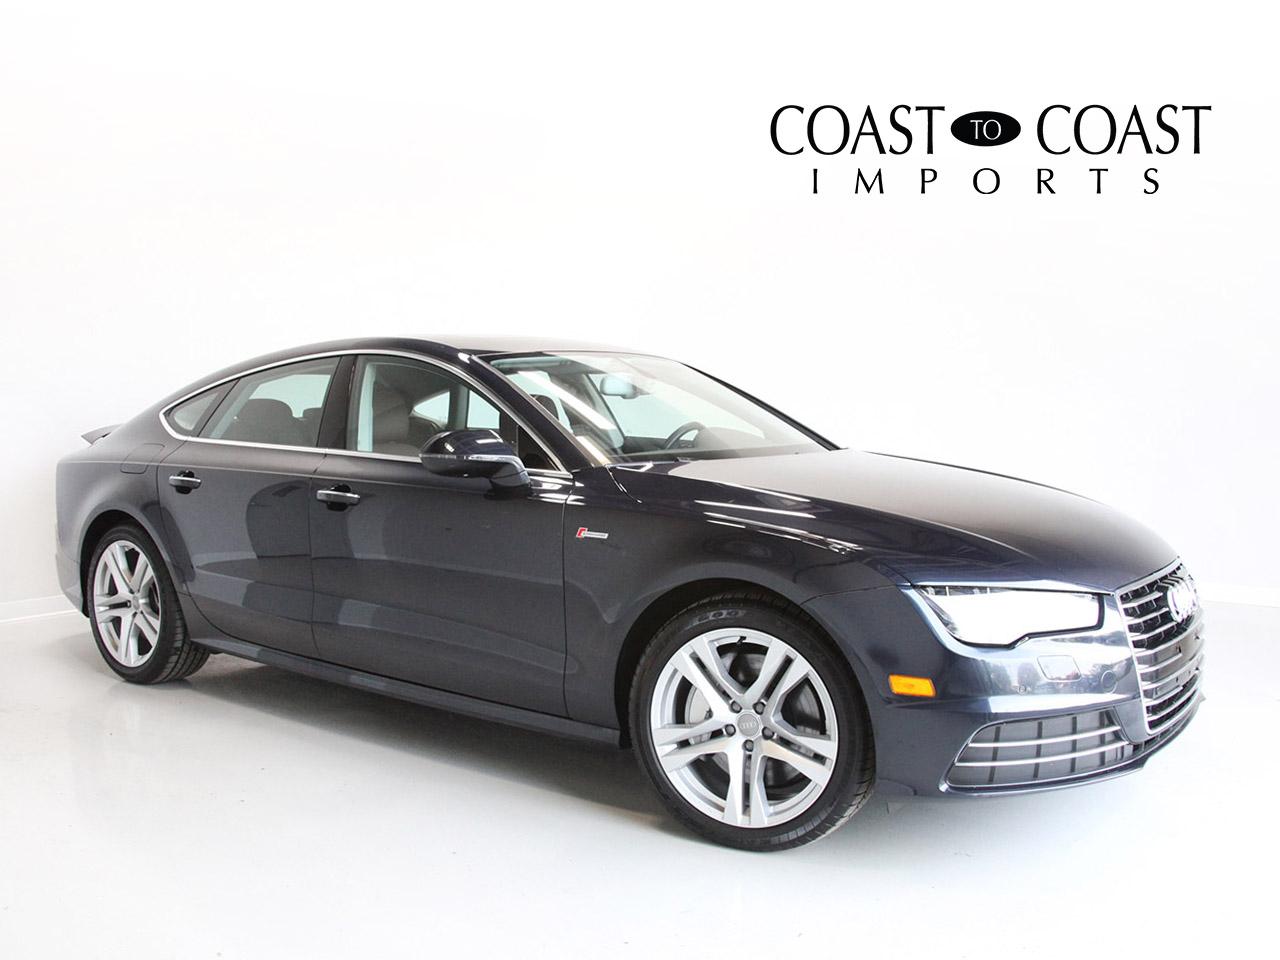 Carmel Location Inventory Coast To Coast Auto Sales Indianapolis IN - Audi indianapolis